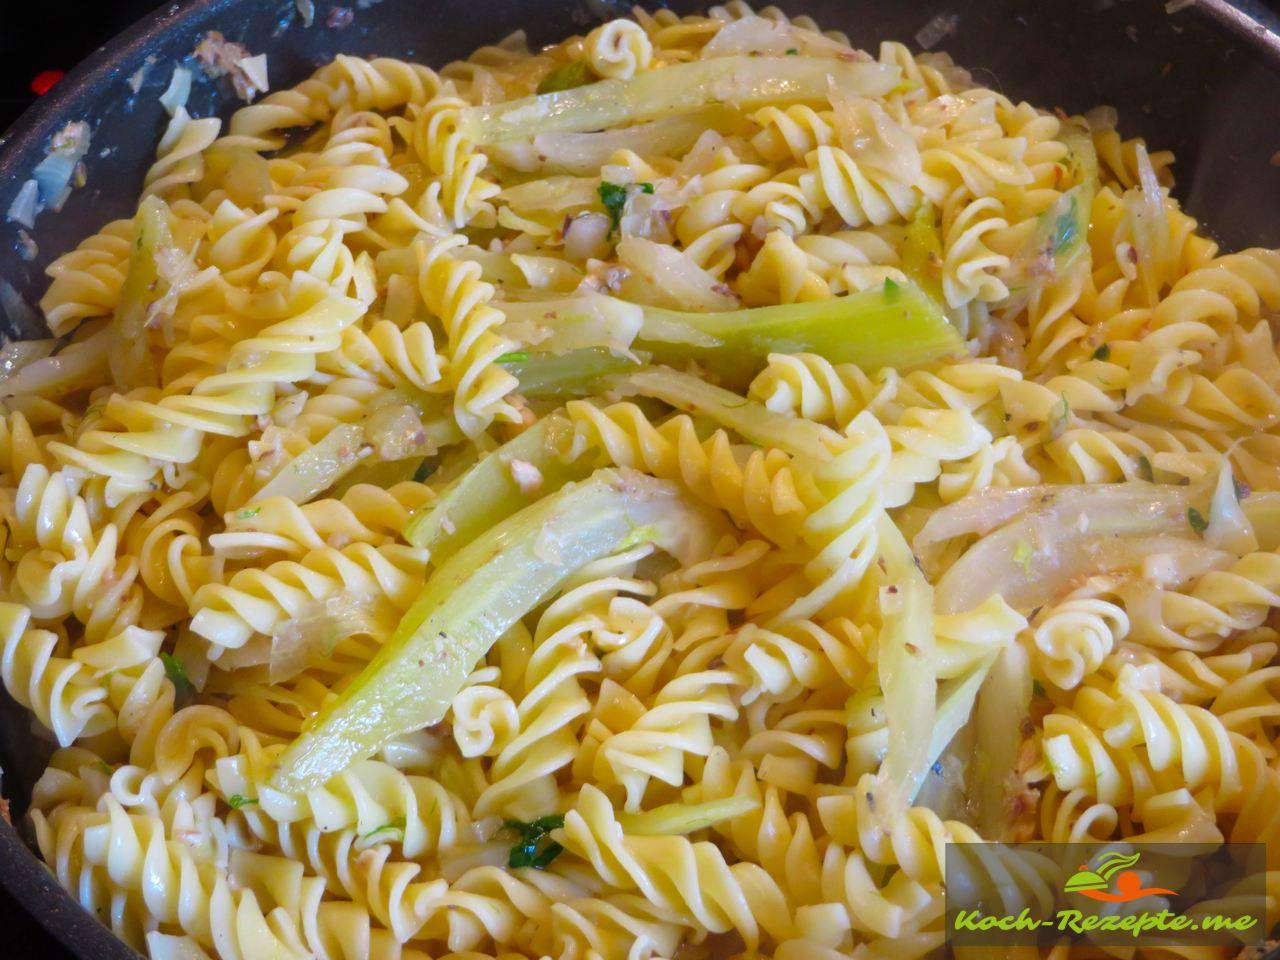 Zum Schluß die Nudel unterheben und nochmal etwas Fenchelbrühe angießen aufkochen und würzen mit Pfeffer,Salz und Petersilie